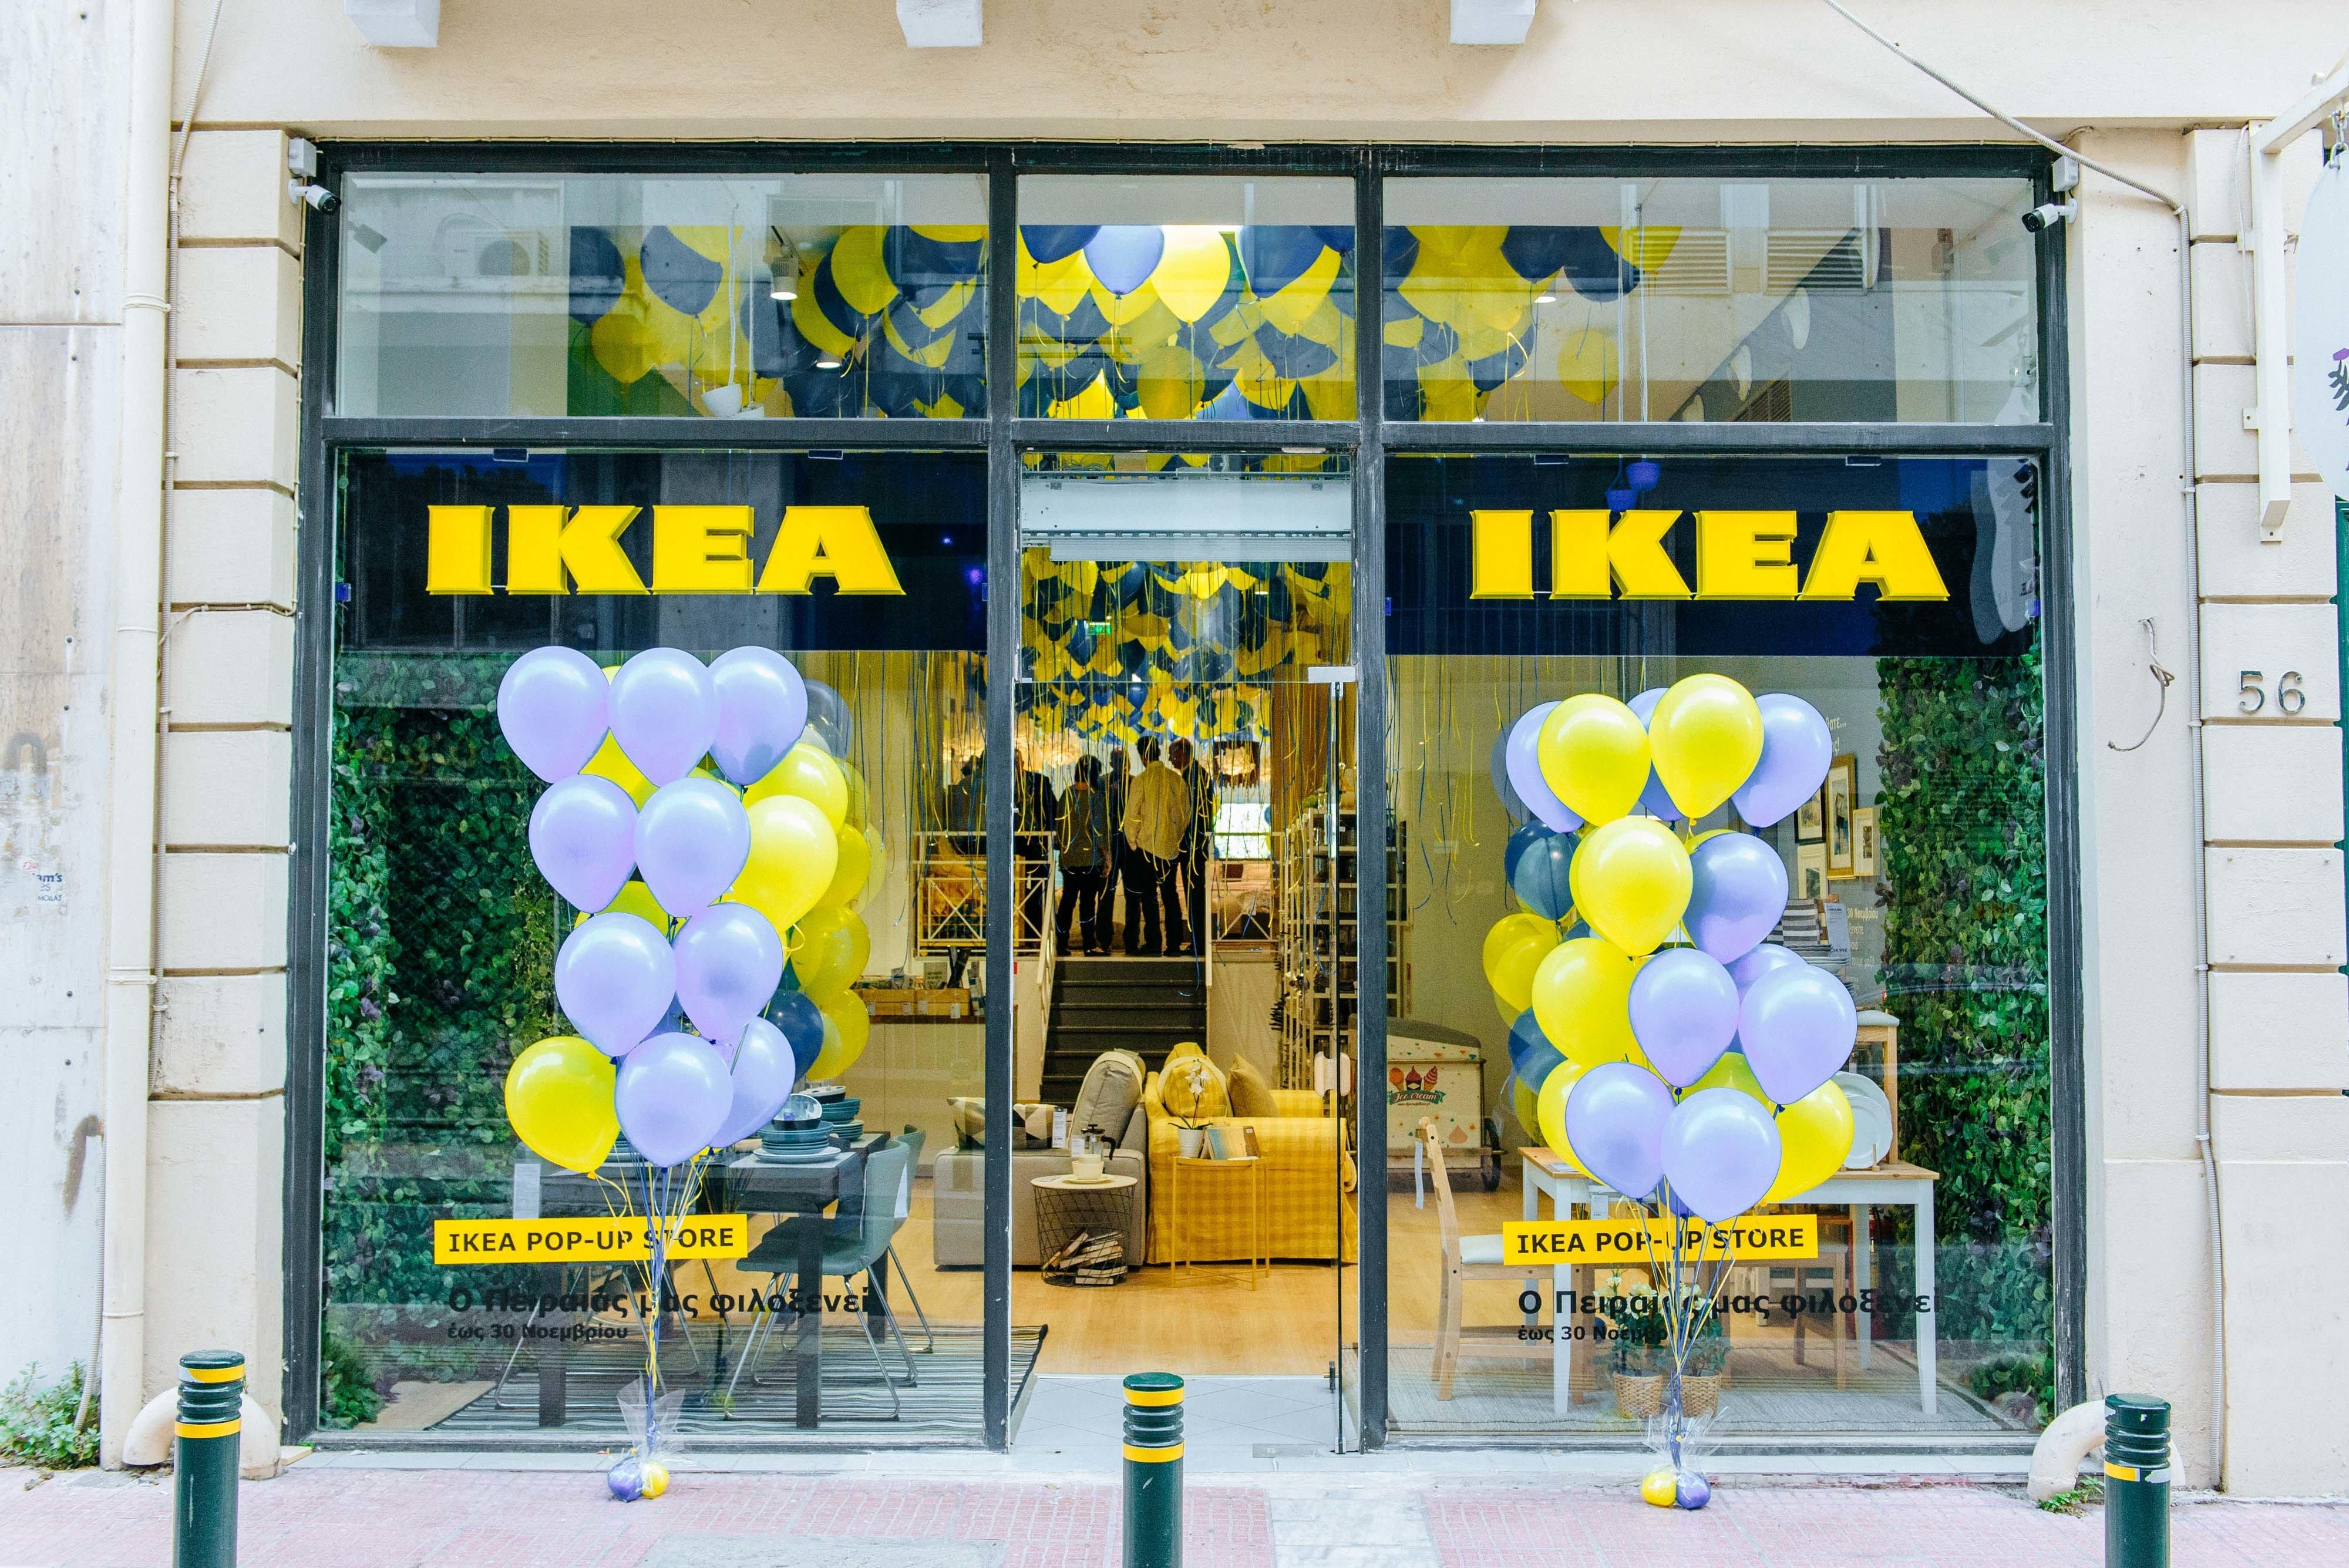 Η IKEA πρωτοπορεί και φέρνει ένα Pop-Up Store στον